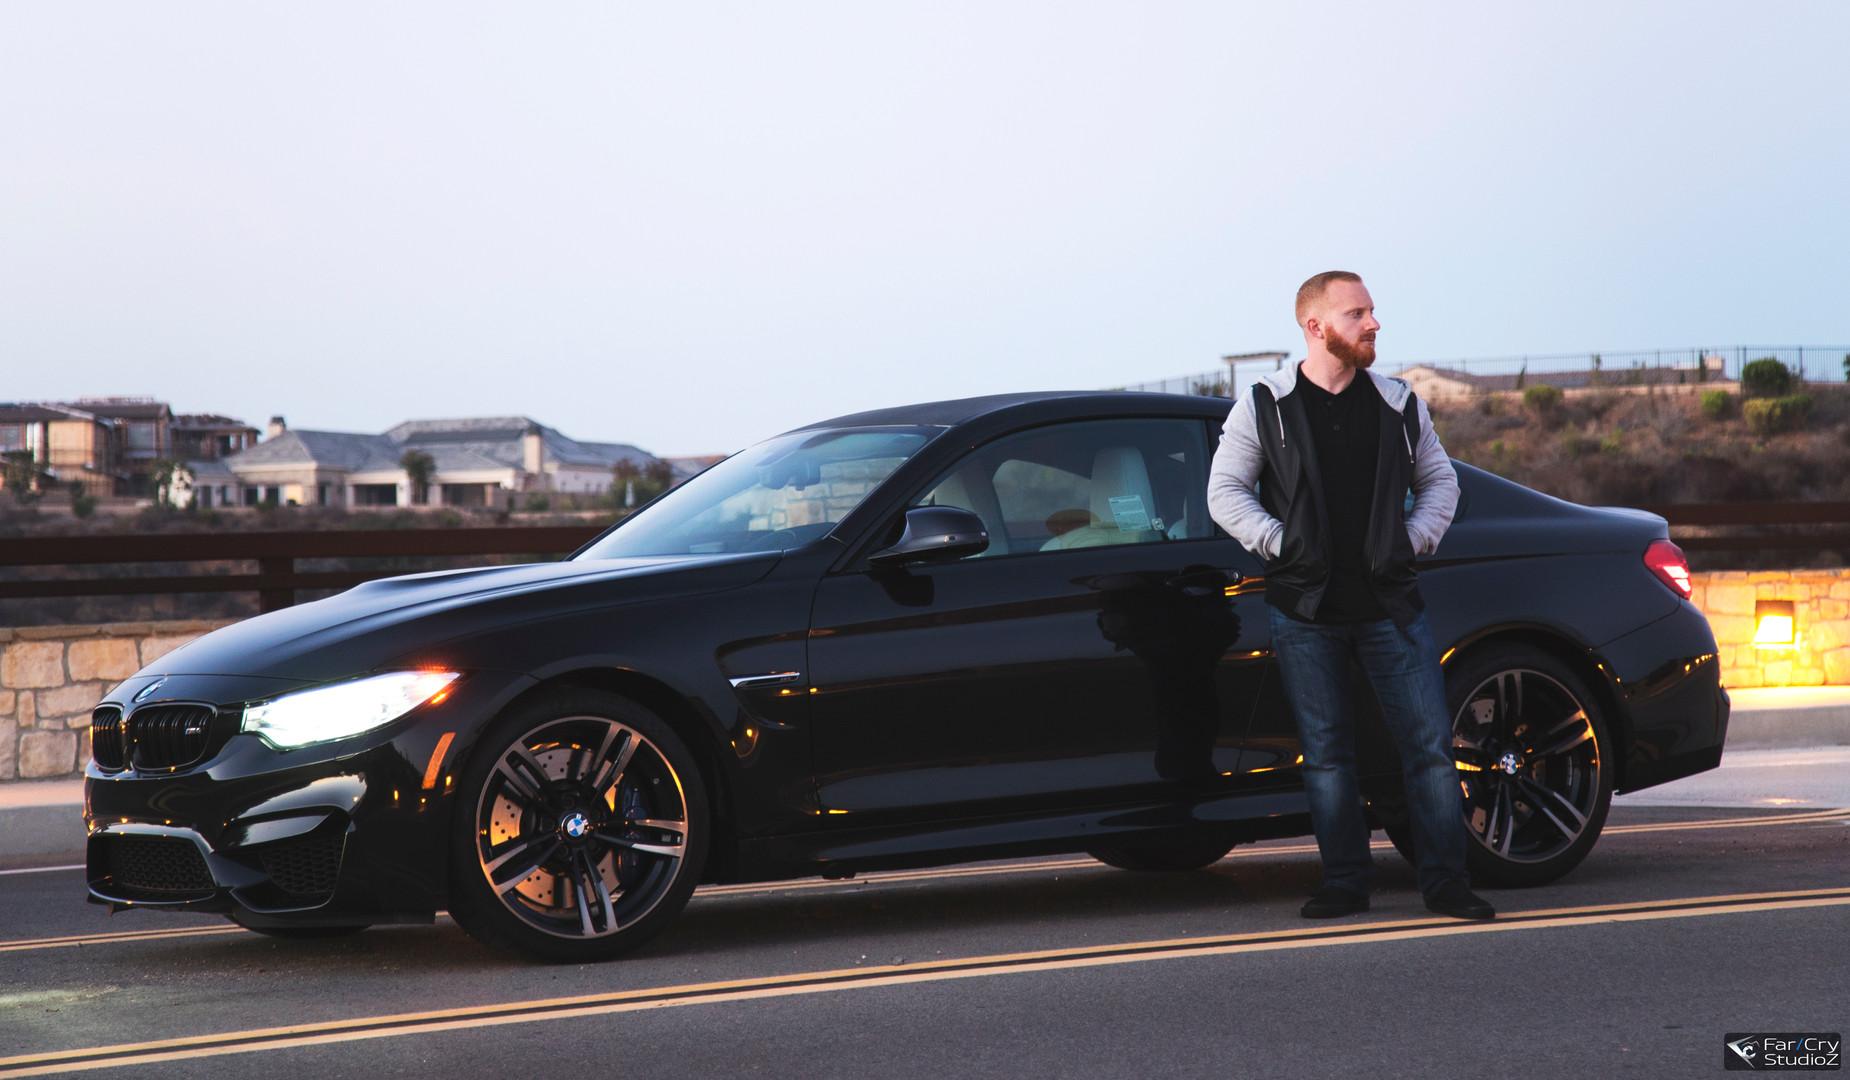 Aaron-Hoffer-Mustang-Road1.jpg